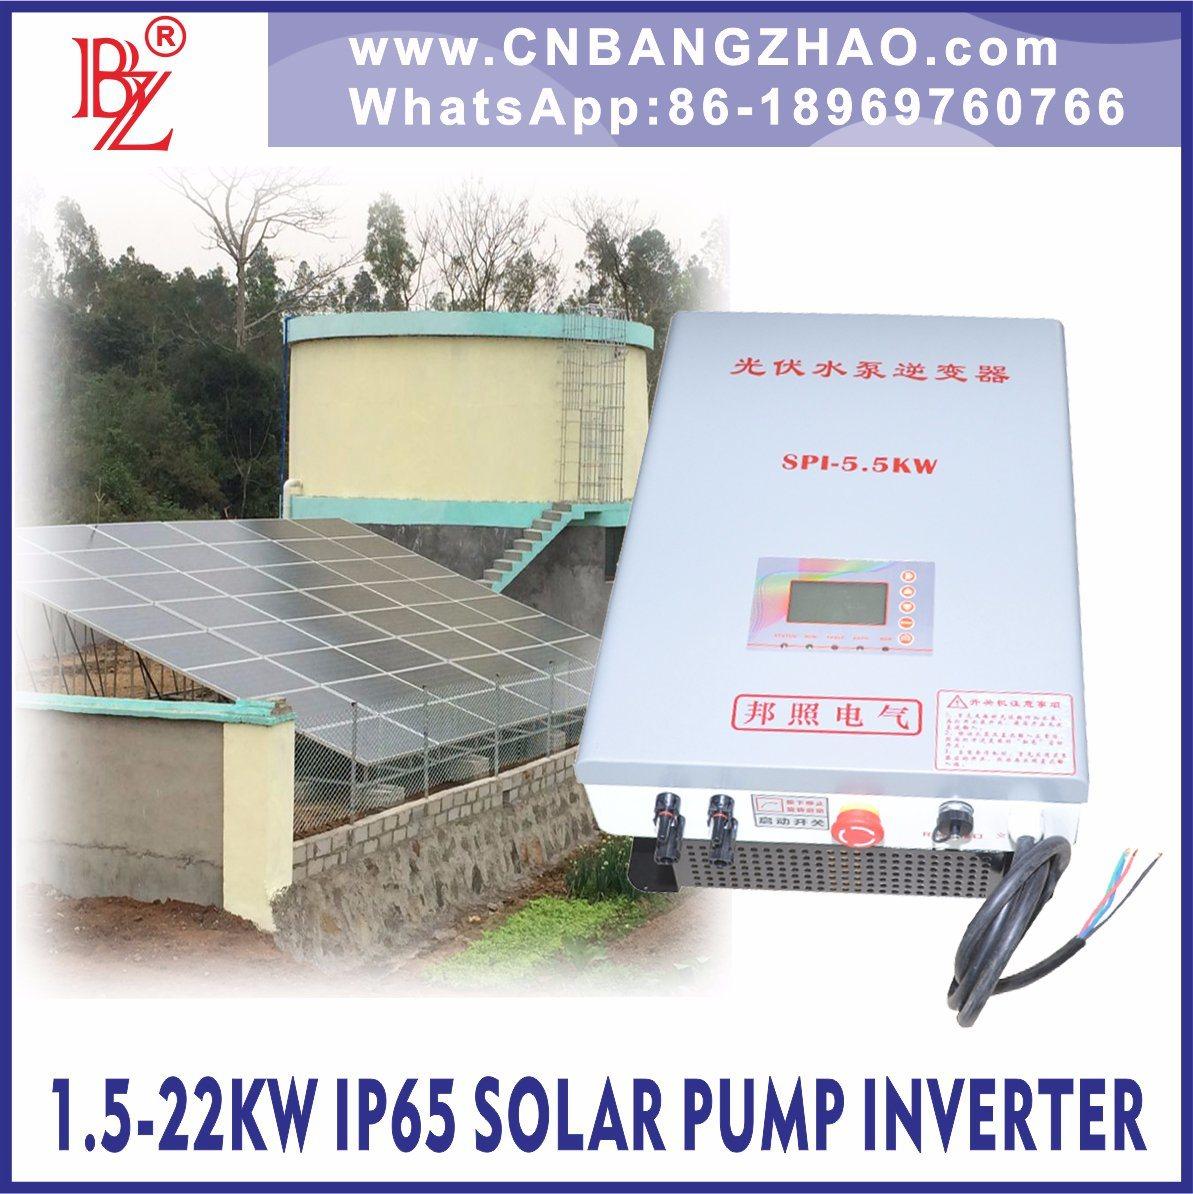 Pure Sine Wave 3 Phase Pump Motor Inverter for 460V Centrifugal Pump